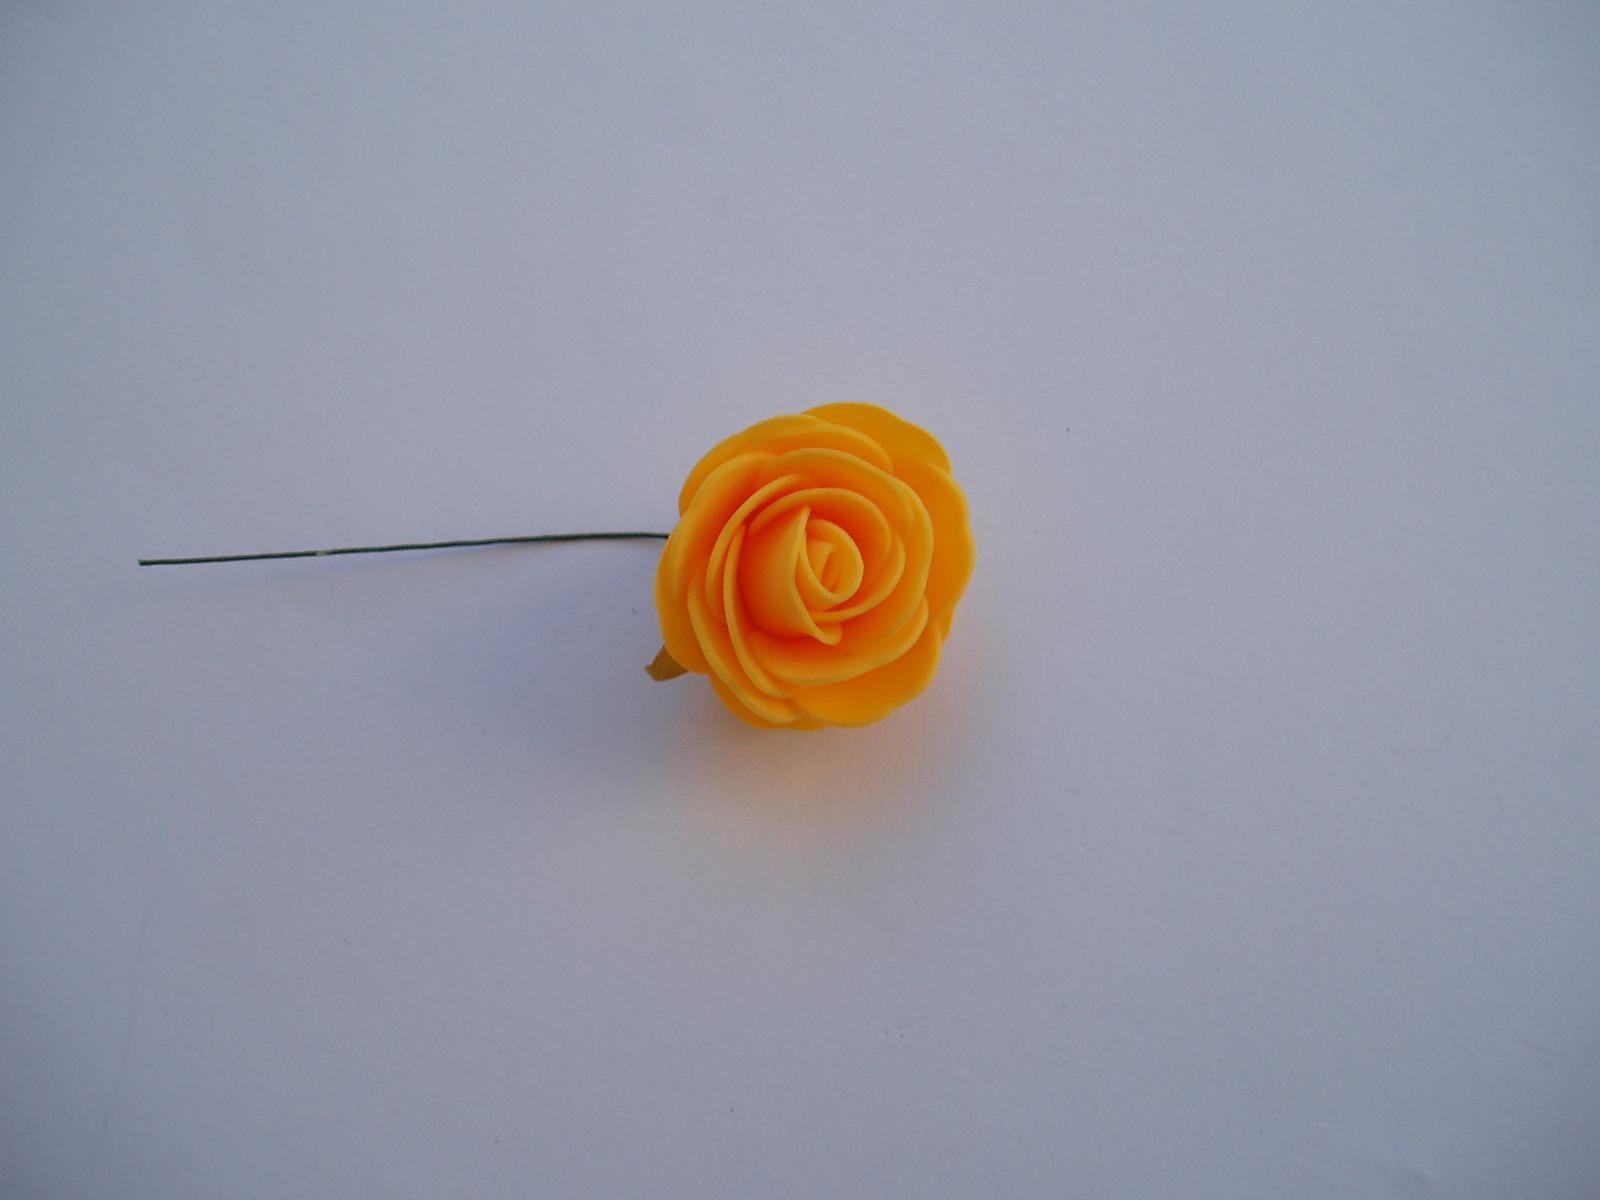 pěnová růže-žlutá 4 cm - Obrázek č. 1